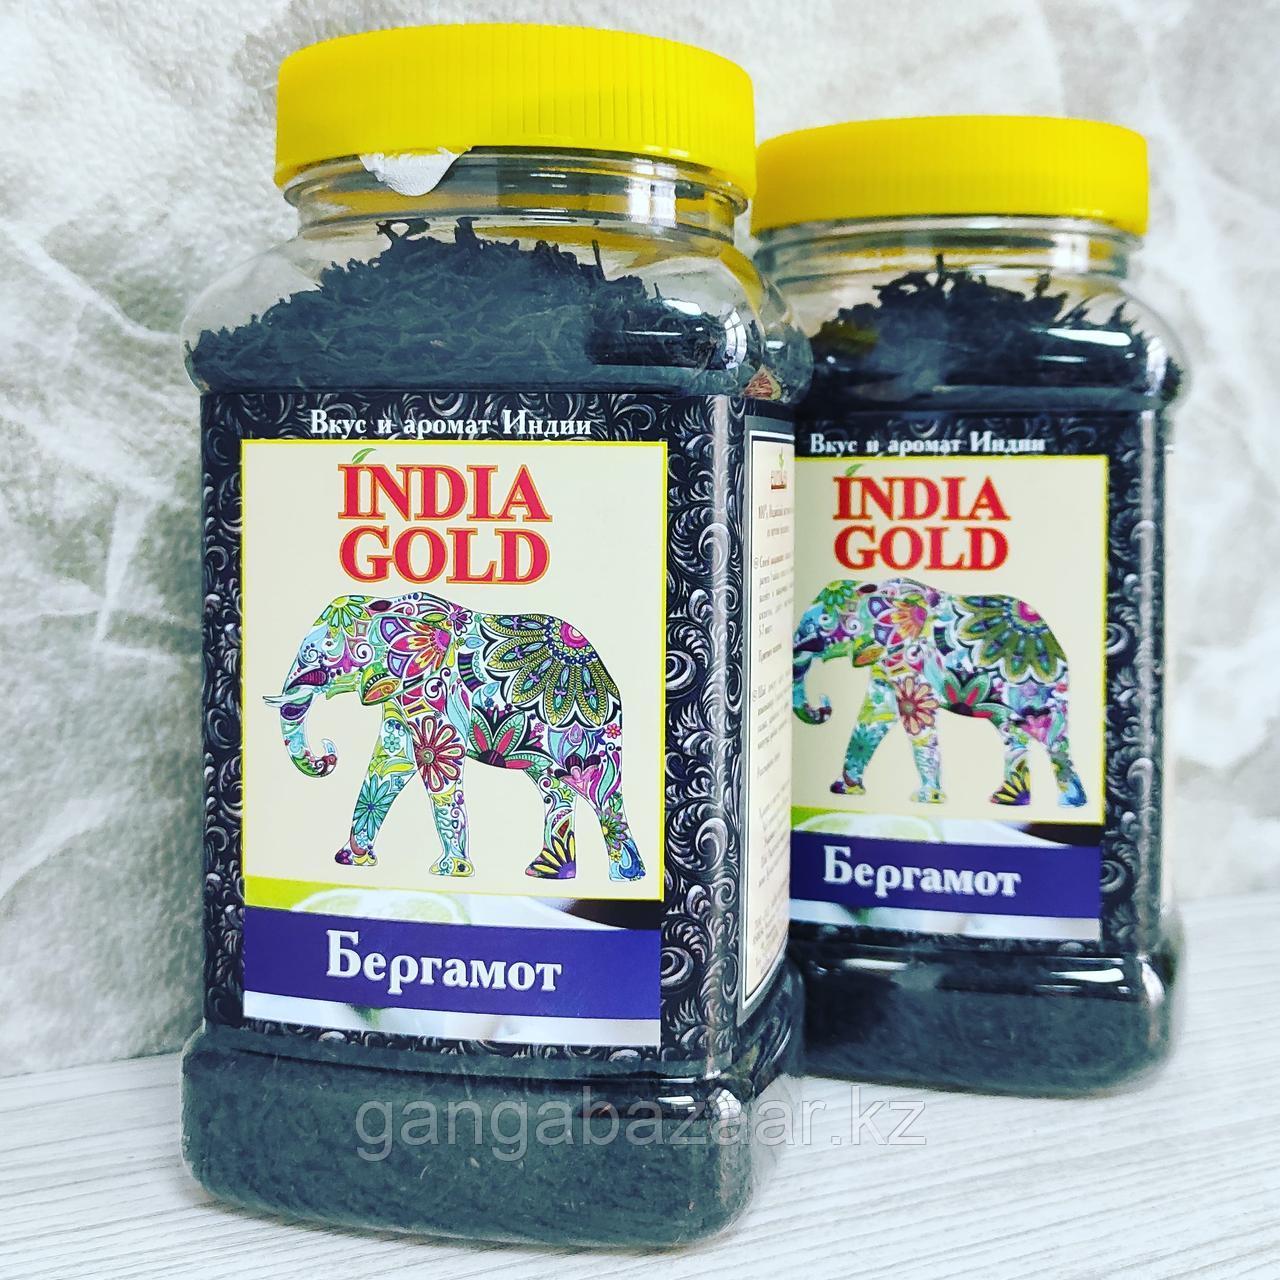 Индия Голд индийский черный листовой чай с бергамотом, 250 гр